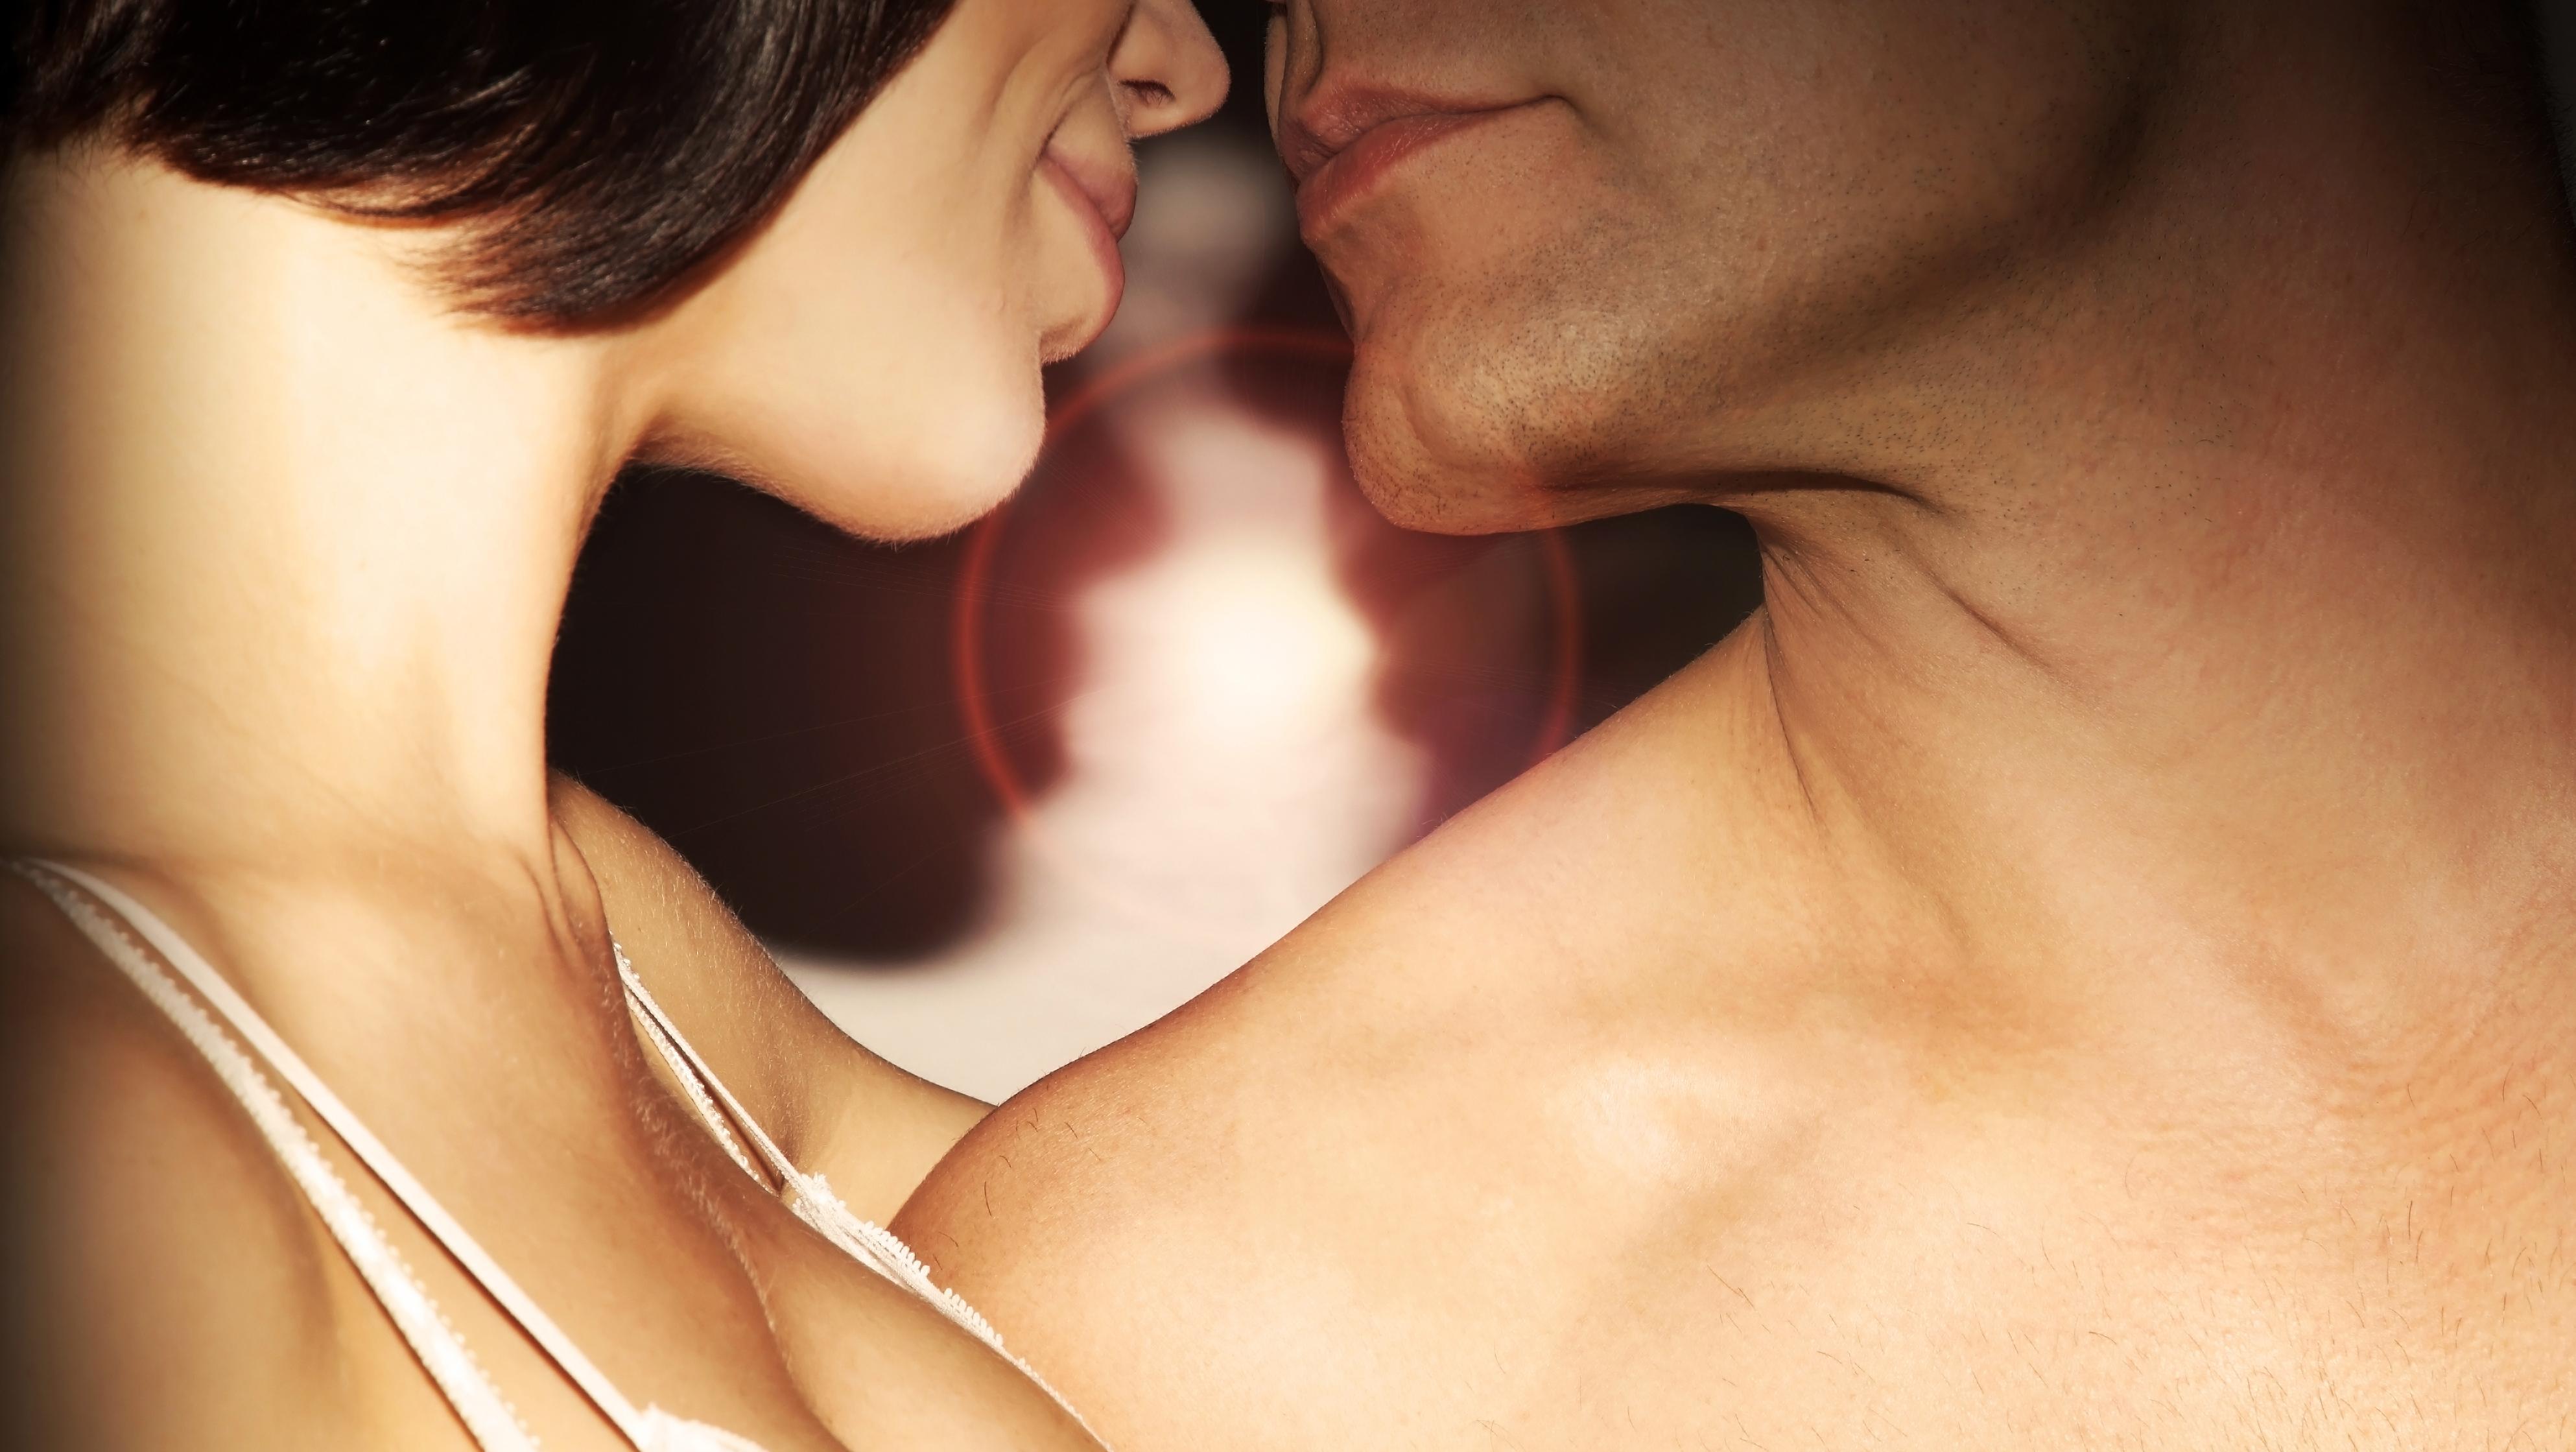 par søger par til sex frække scorereplikker massage sex jylland